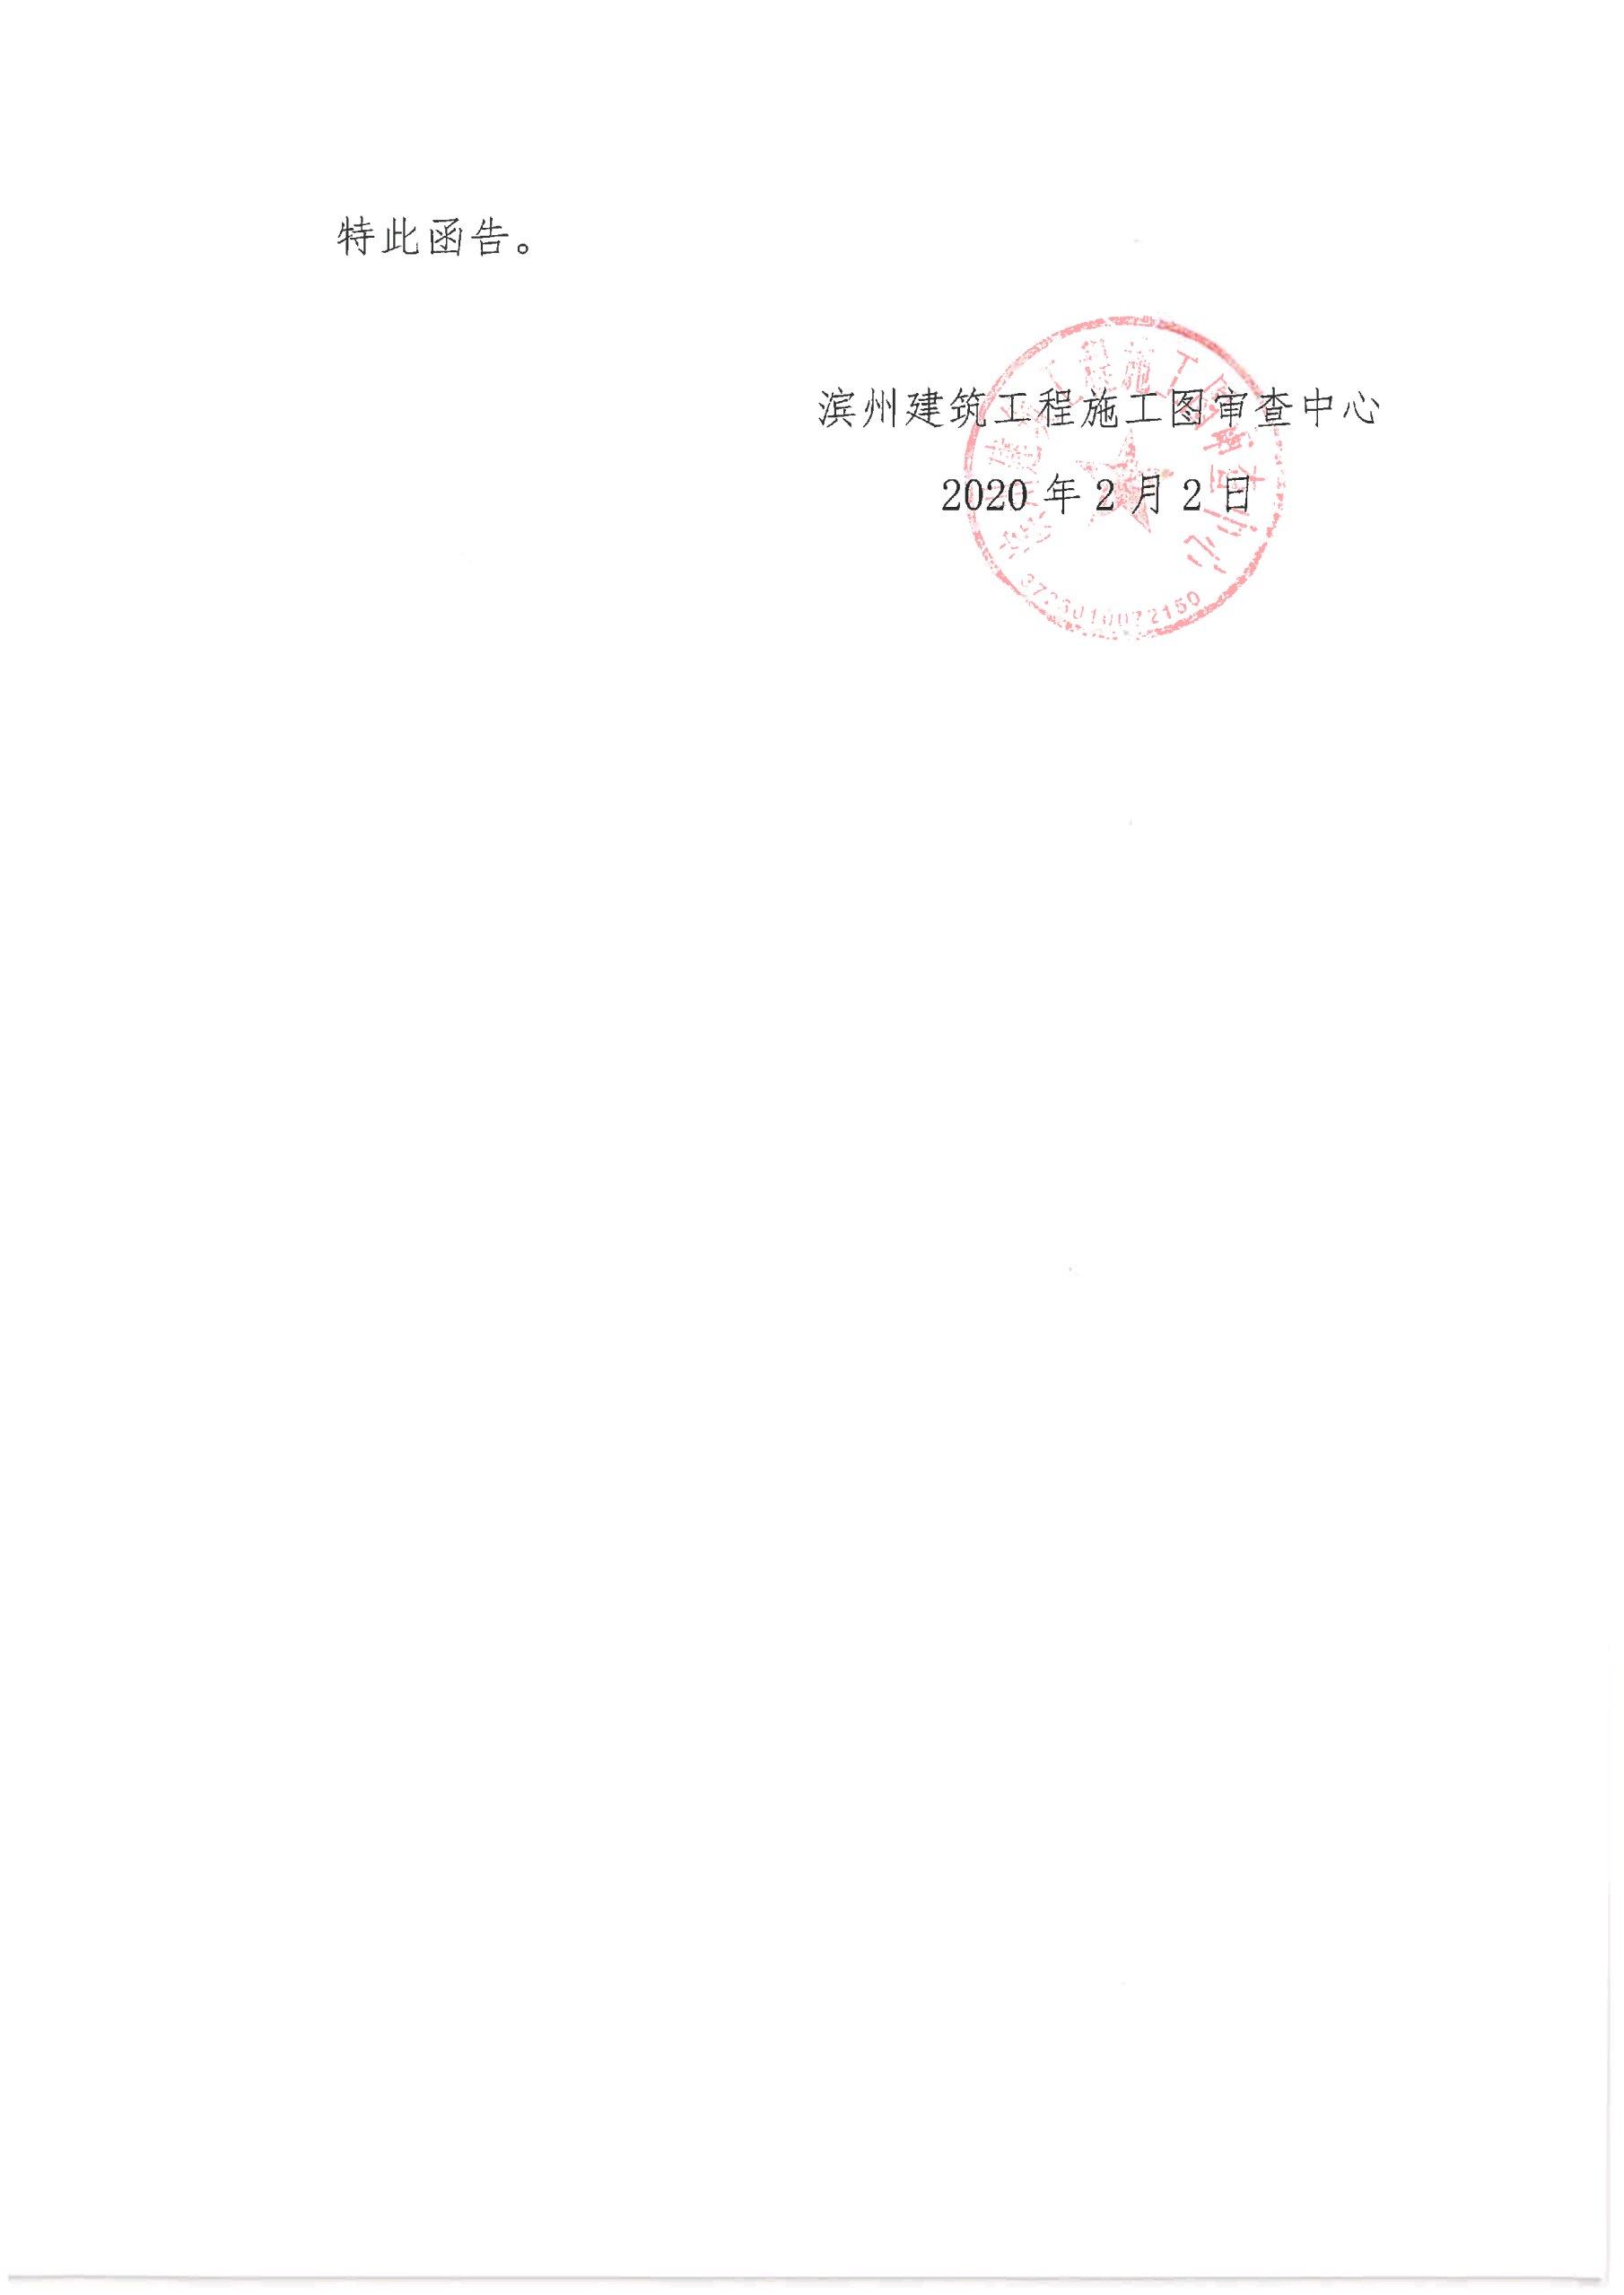 微信图片_20200202173233.jpg